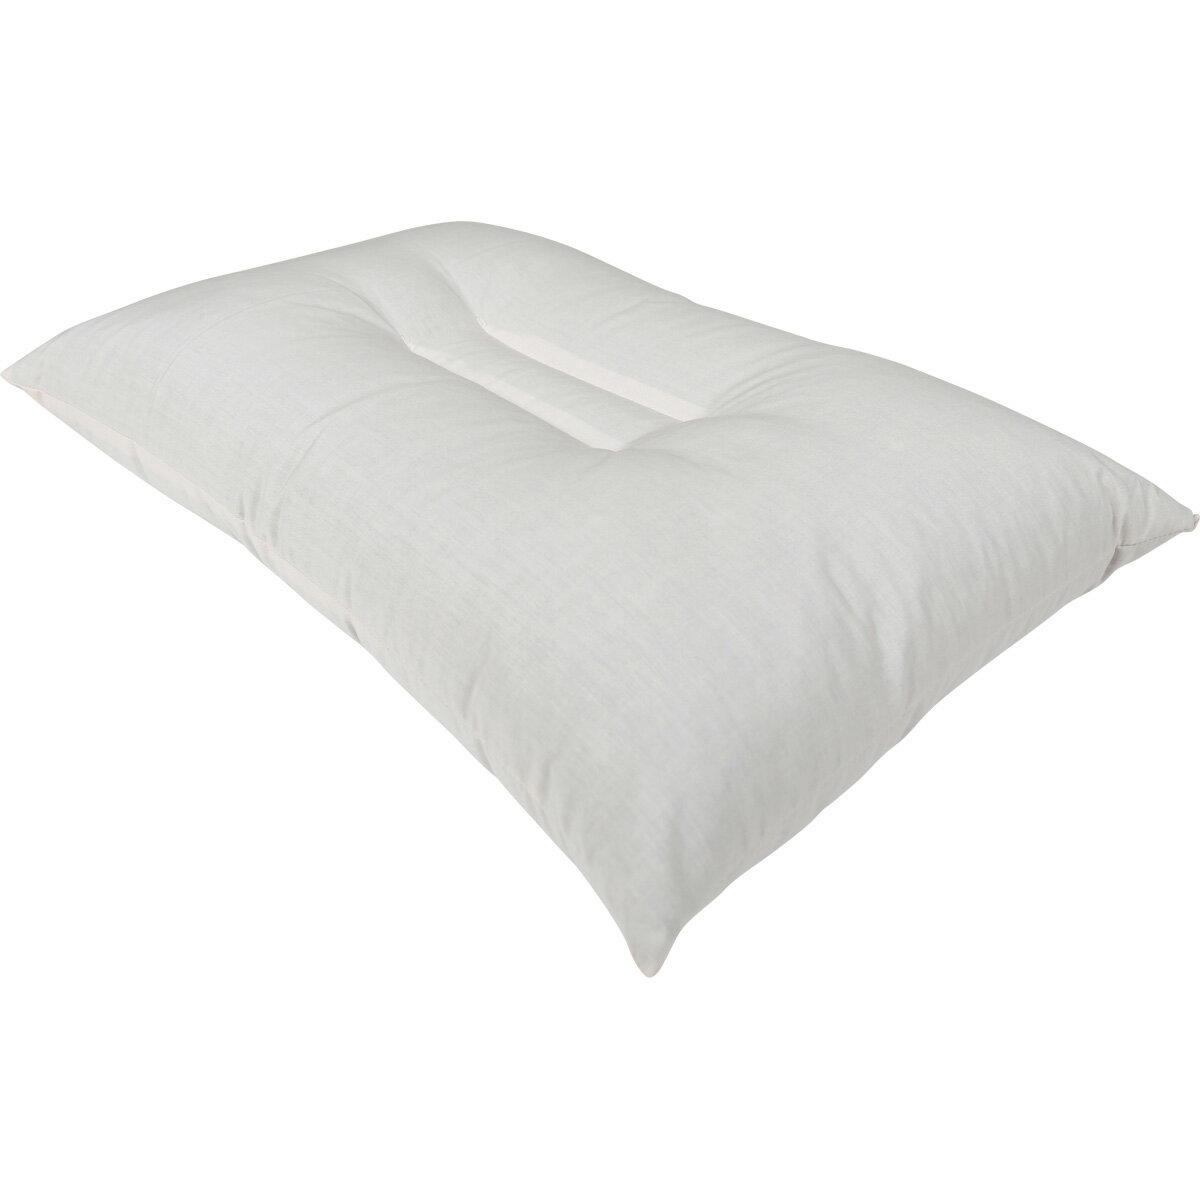 そば殻枕 35x50cm 日本製 / 肩こり いびき 首 寝返り おしゃれ 無地 かため 中身 おすすめ 安眠 快眠